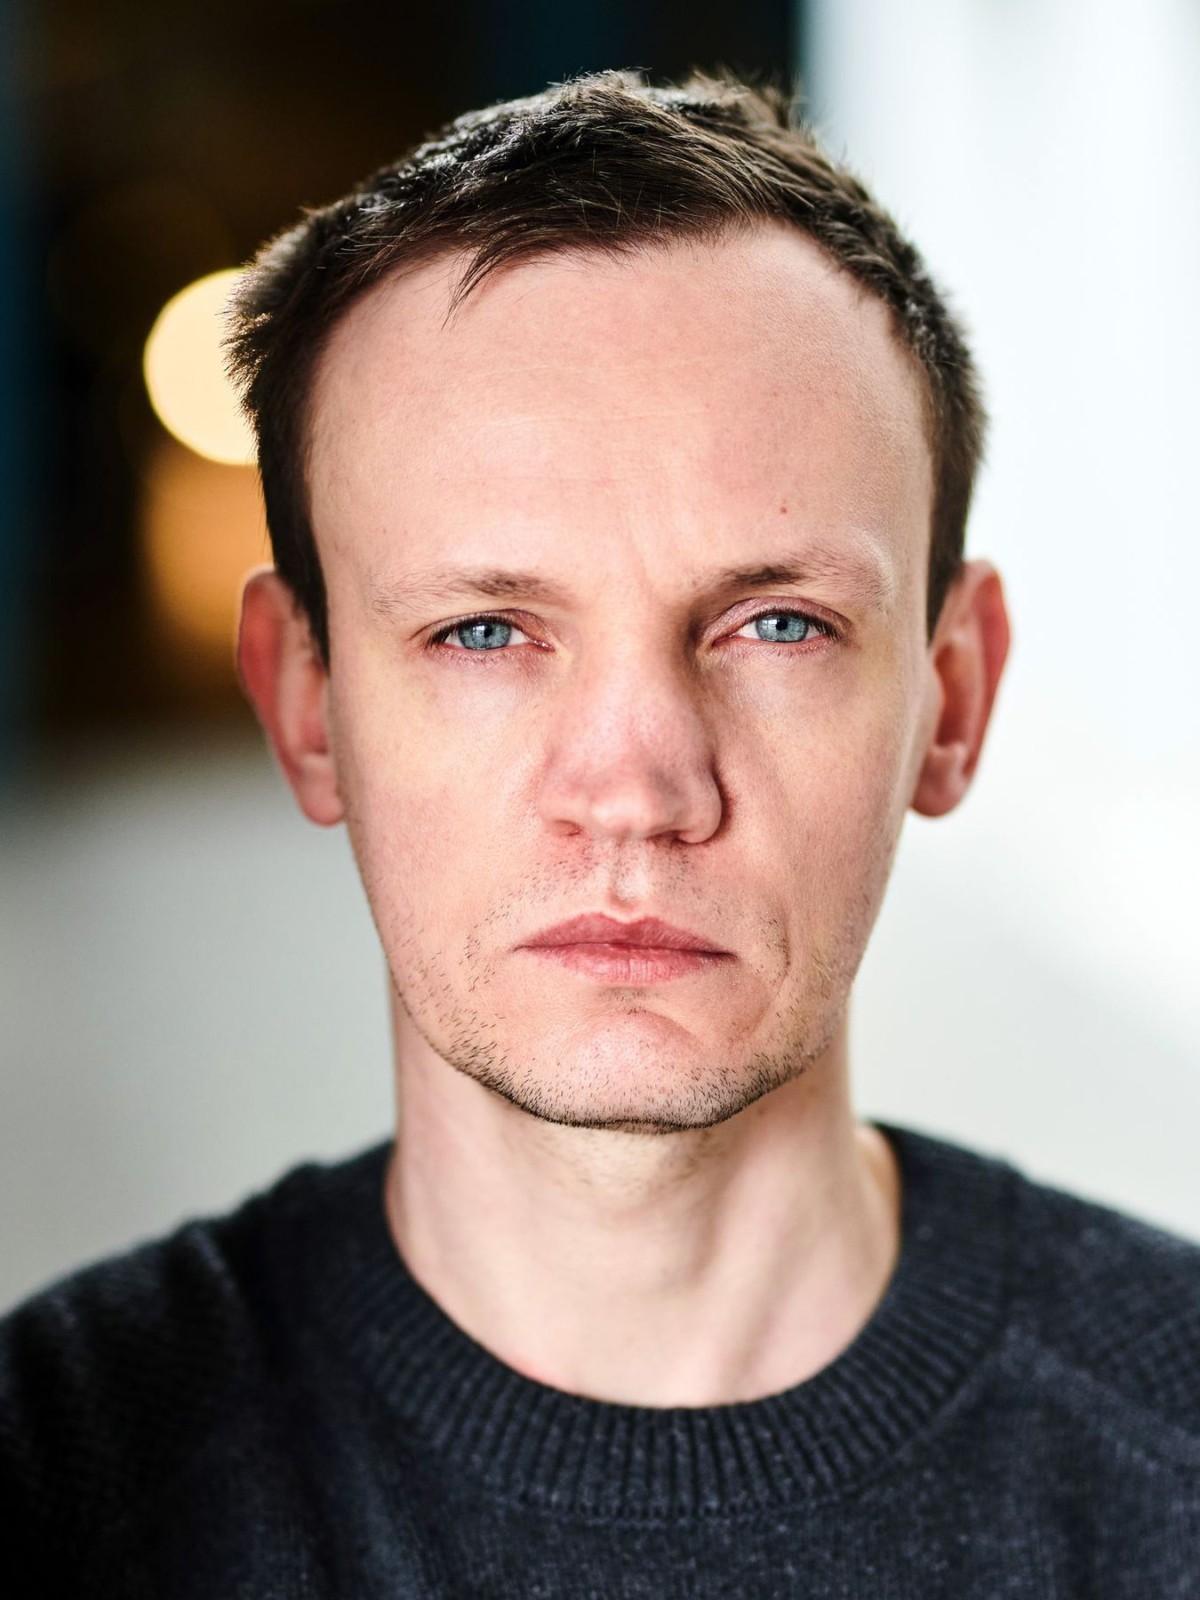 Adam Venhaus, Dreharbeiten, Actors Agency Osman